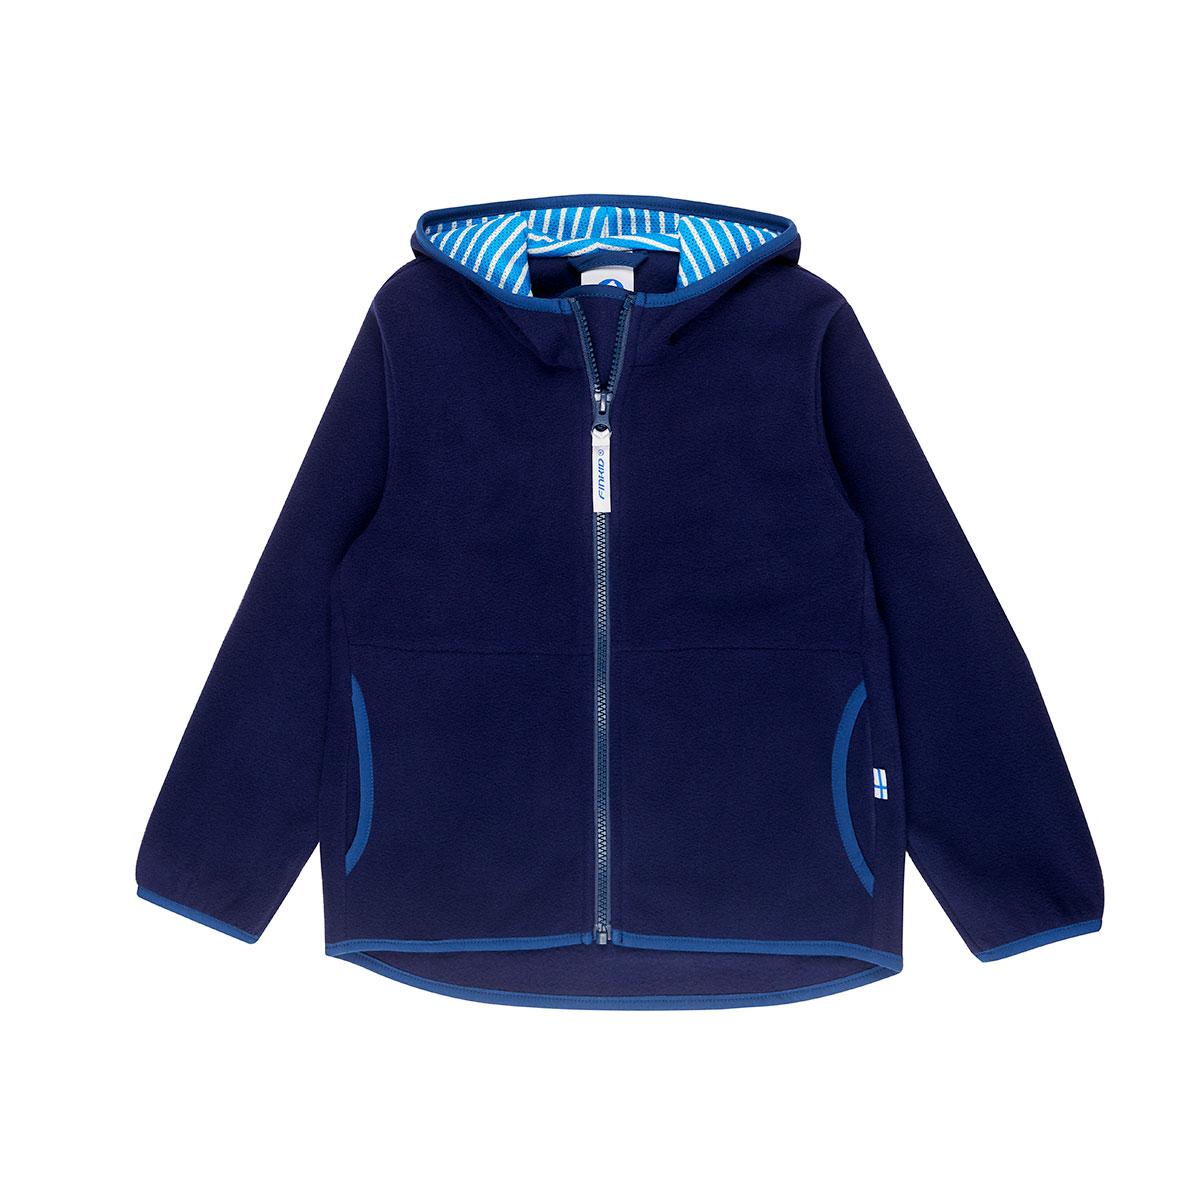 PAUKKU navy/denim zip-in inner jacket  090/100 Finkid®